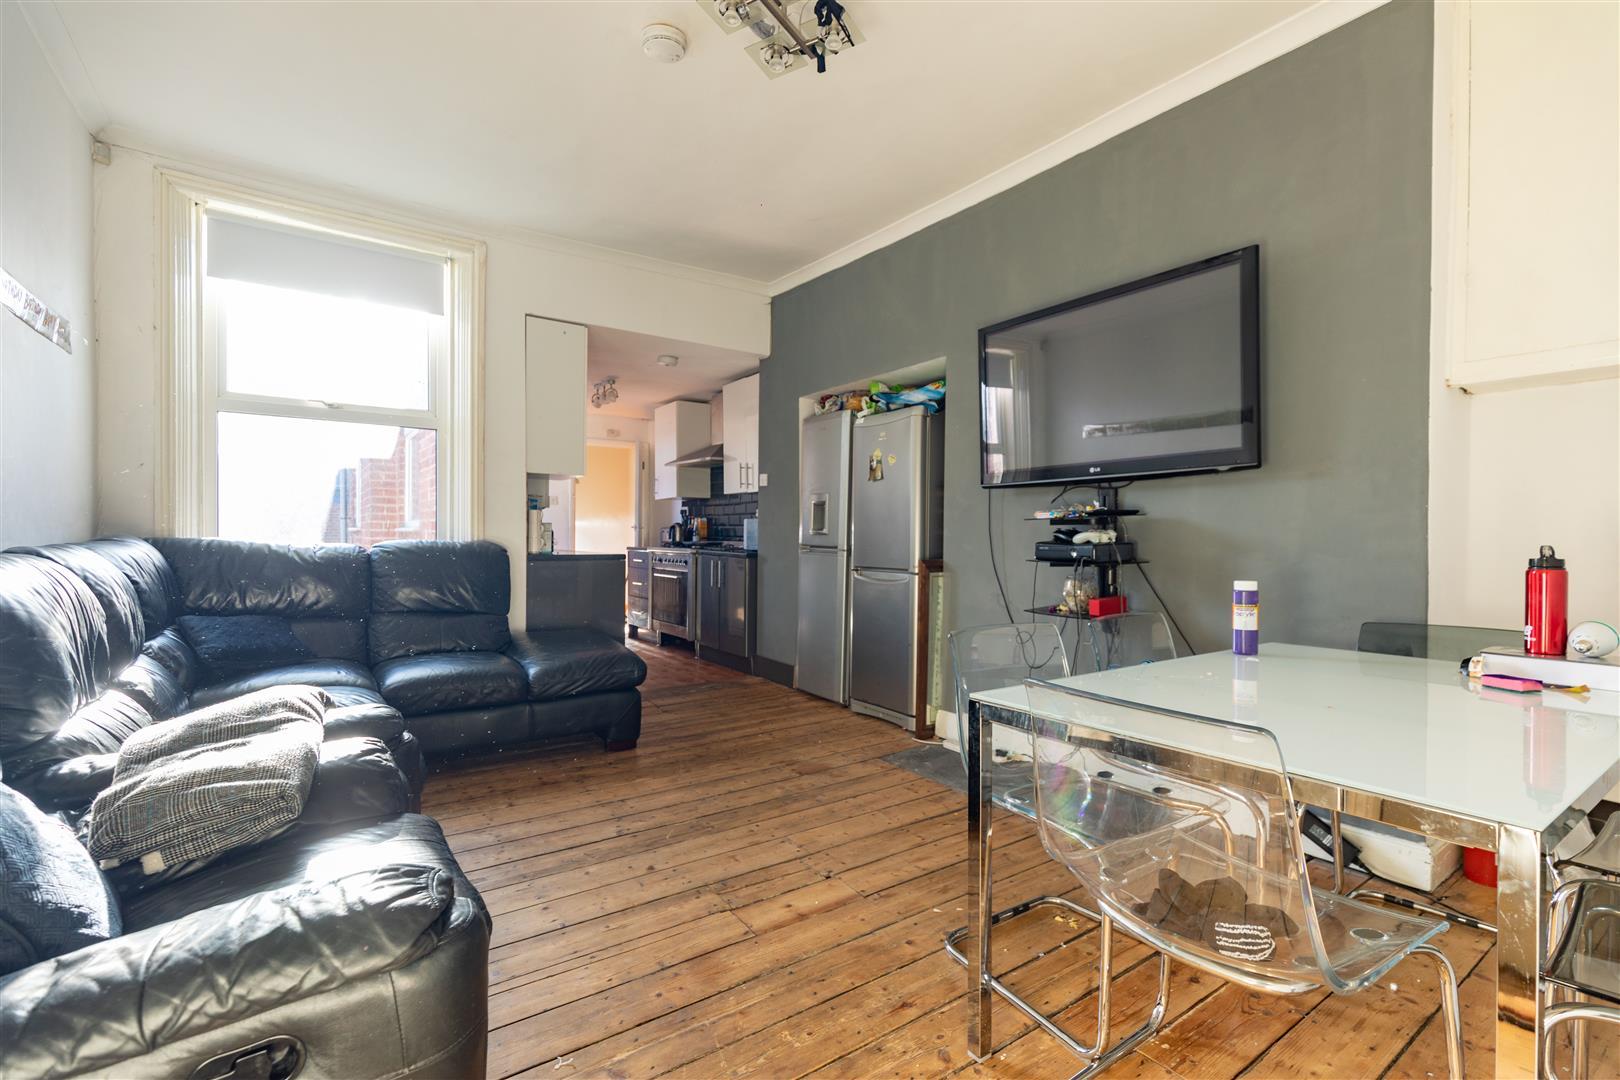 5 bed maisonette to rent in Newcastle Upon Tyne, NE6 5PH, NE6